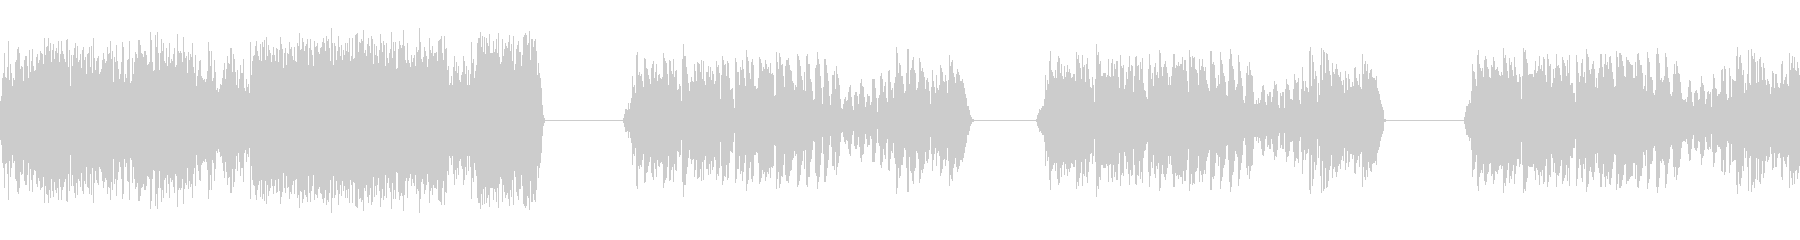 ラジオヒット3の未再生の波形